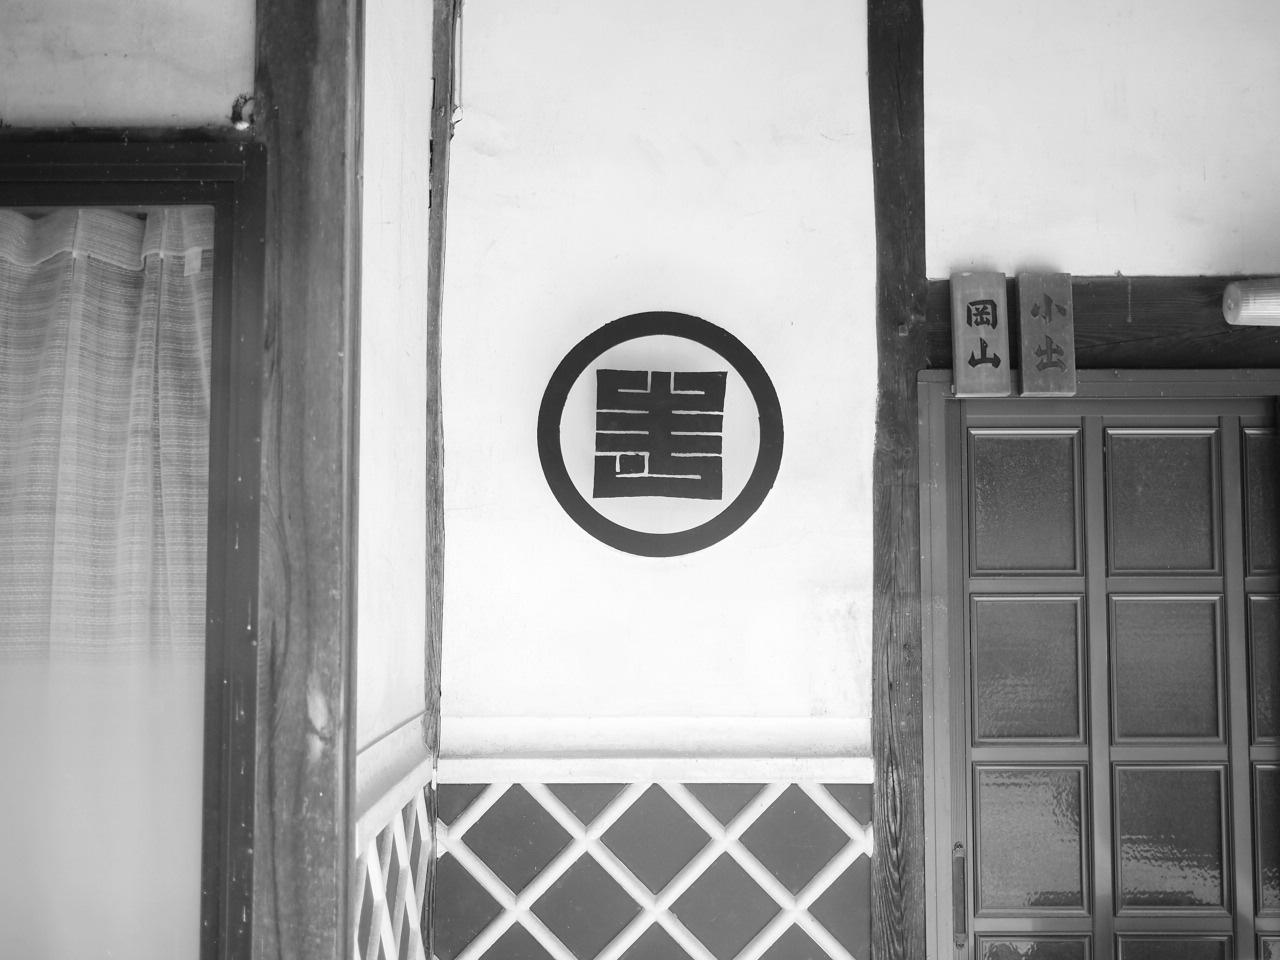 安曇野市のご自宅にアイアン製の家紋を製作、取り付けて来ました。_a0206732_17072234.jpg